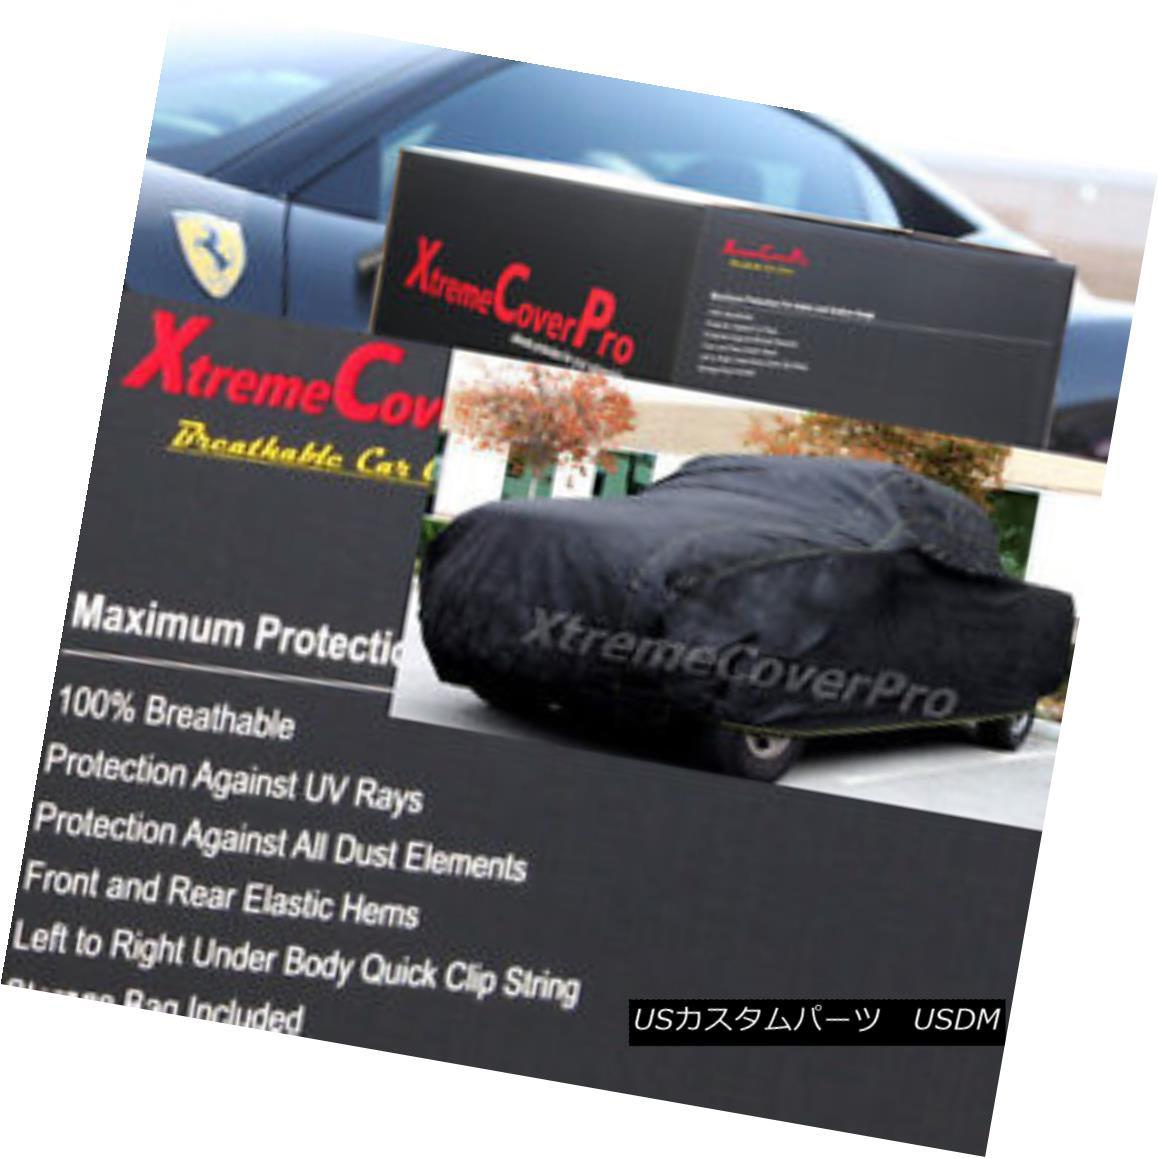 カーカバー 1999 2000 2001 2002 2003 Ford F-350 SuperCab 8ft Long Bed Breathable Truck Cover 1999 2000 2001 2002 2003フォードF-350スーパーキャブ8フィートロングベッド通気性トラックカバー